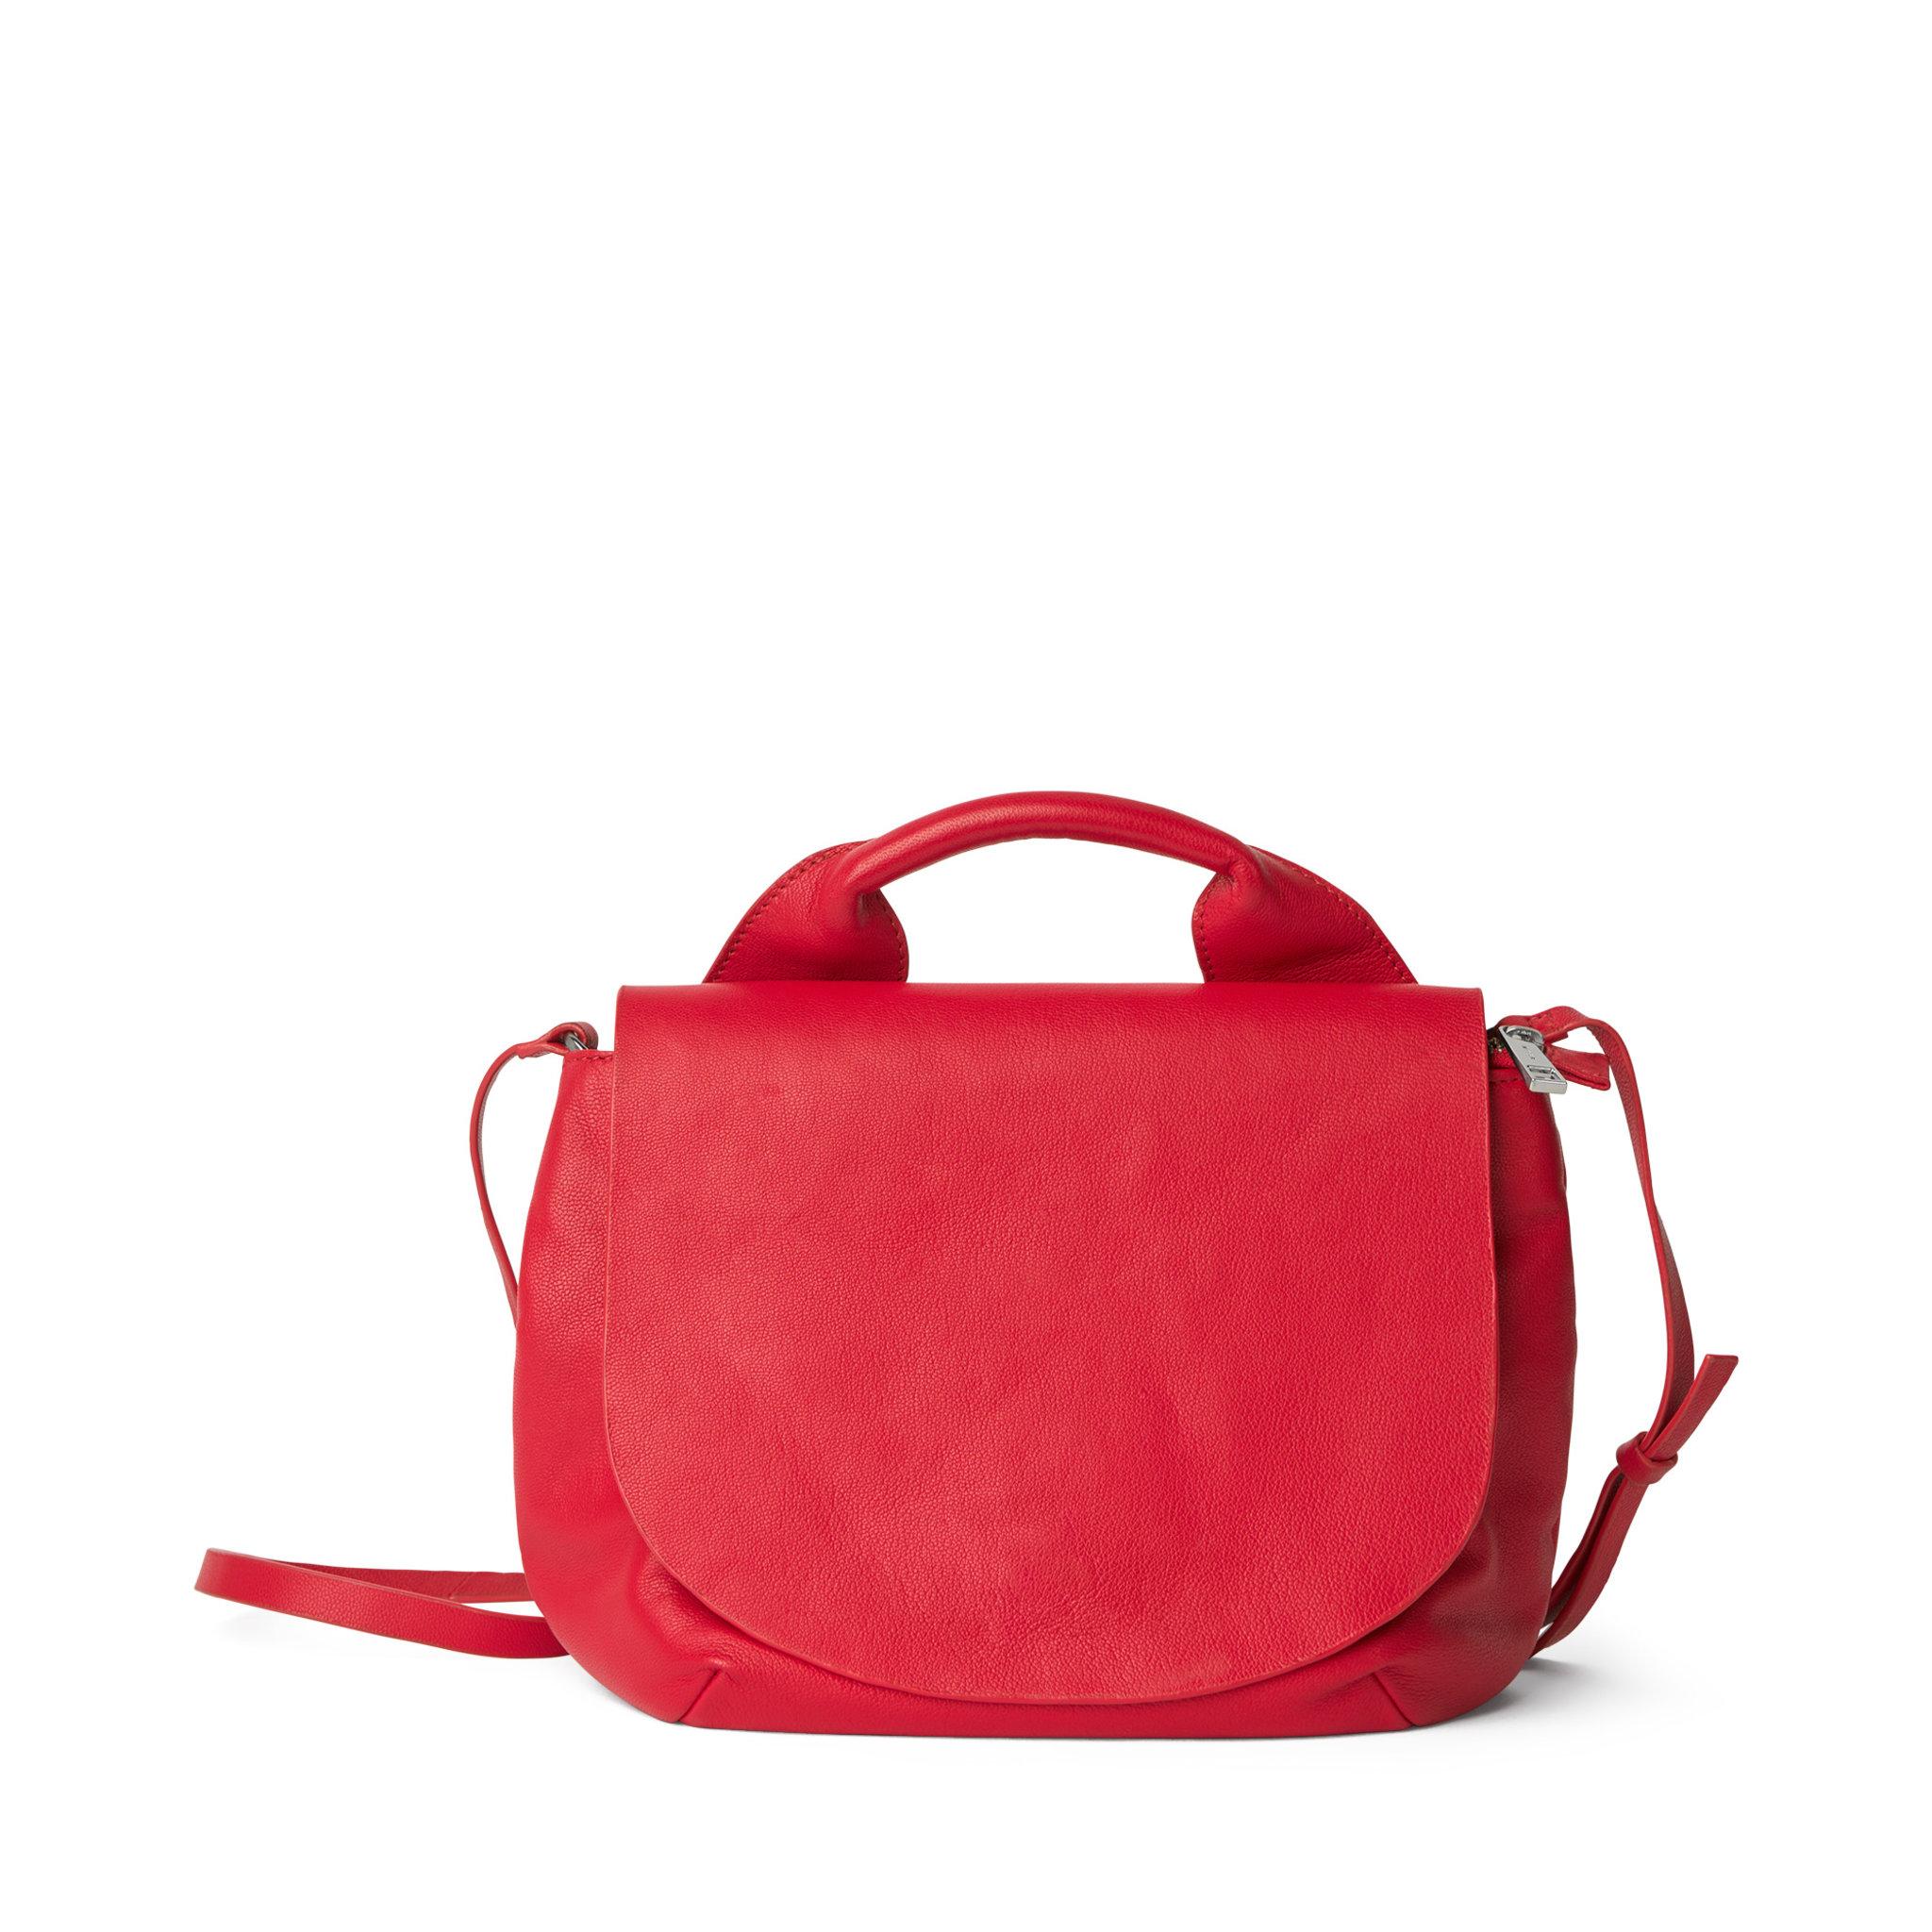 röd väska skinn